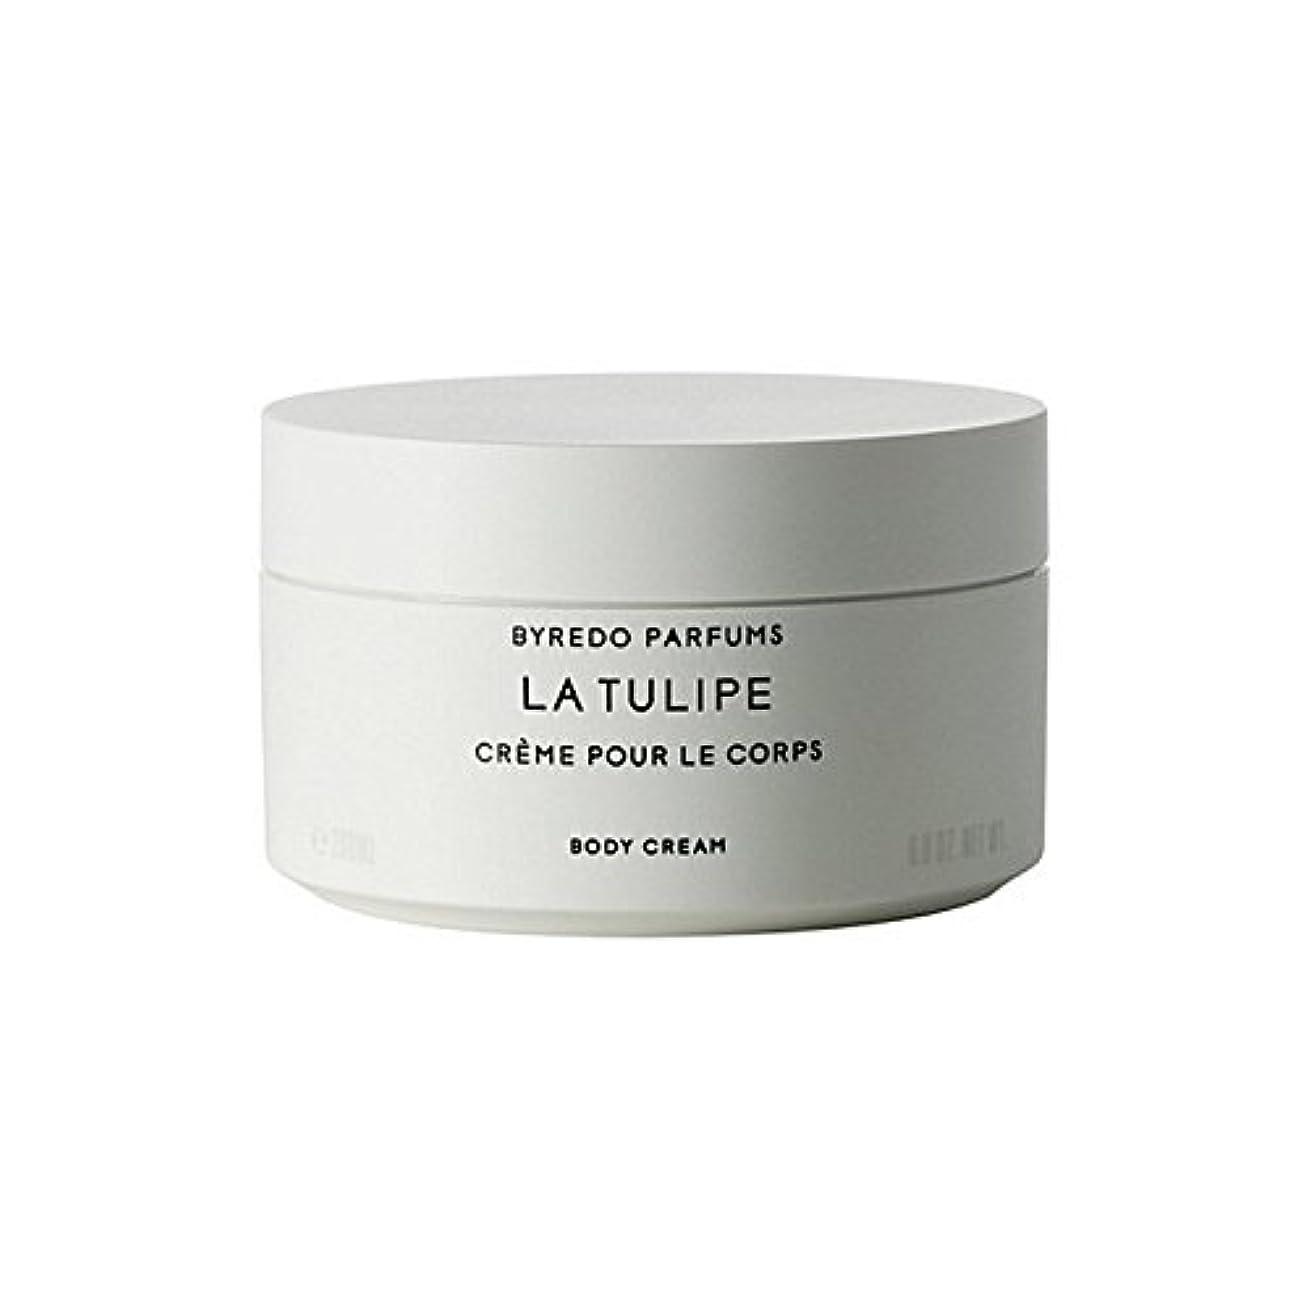 取得深くやろうラチューリップボディクリーム200ミリリットル x4 - Byredo La Tulipe Body Cream 200ml (Pack of 4) [並行輸入品]